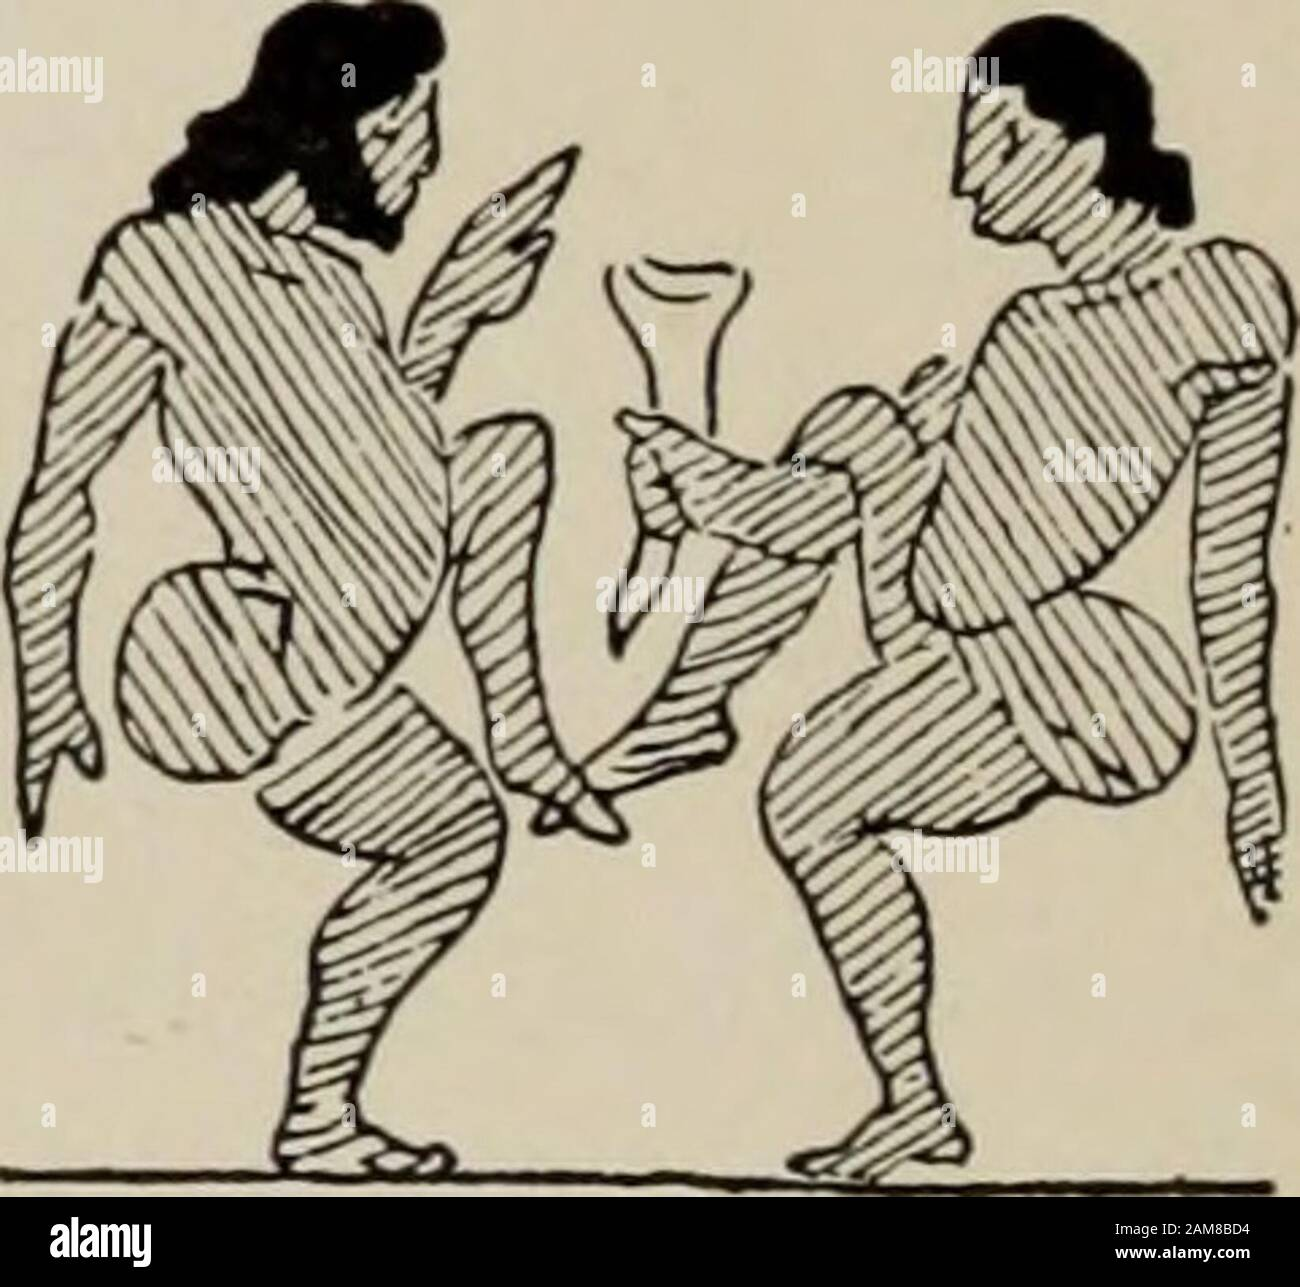 La danza griega antigua, después de figuras esculpidas y pintadas . prensa el movimiento bymore medios directos. Entre los dos momentos de la Fig. 404 mustbe interpuso el momento de la suspensión duringque el bailarín salta de la pierna derecha a la izquierda. 301. Fig. 405, en el que se muestra la elevación y baja, progresivamente, de las piernas de los bailarines, es un remarkableejemplo de una serie analítica completa (291). La rodilla de la pierna suportante está doblada y es evidente que el bailarín está saltando de la pierna izquierda a la derecha: Levanta la pierna superior izquierda así como la pierna superior derecha. Ejecuta, en su lugar, un se Foto de stock